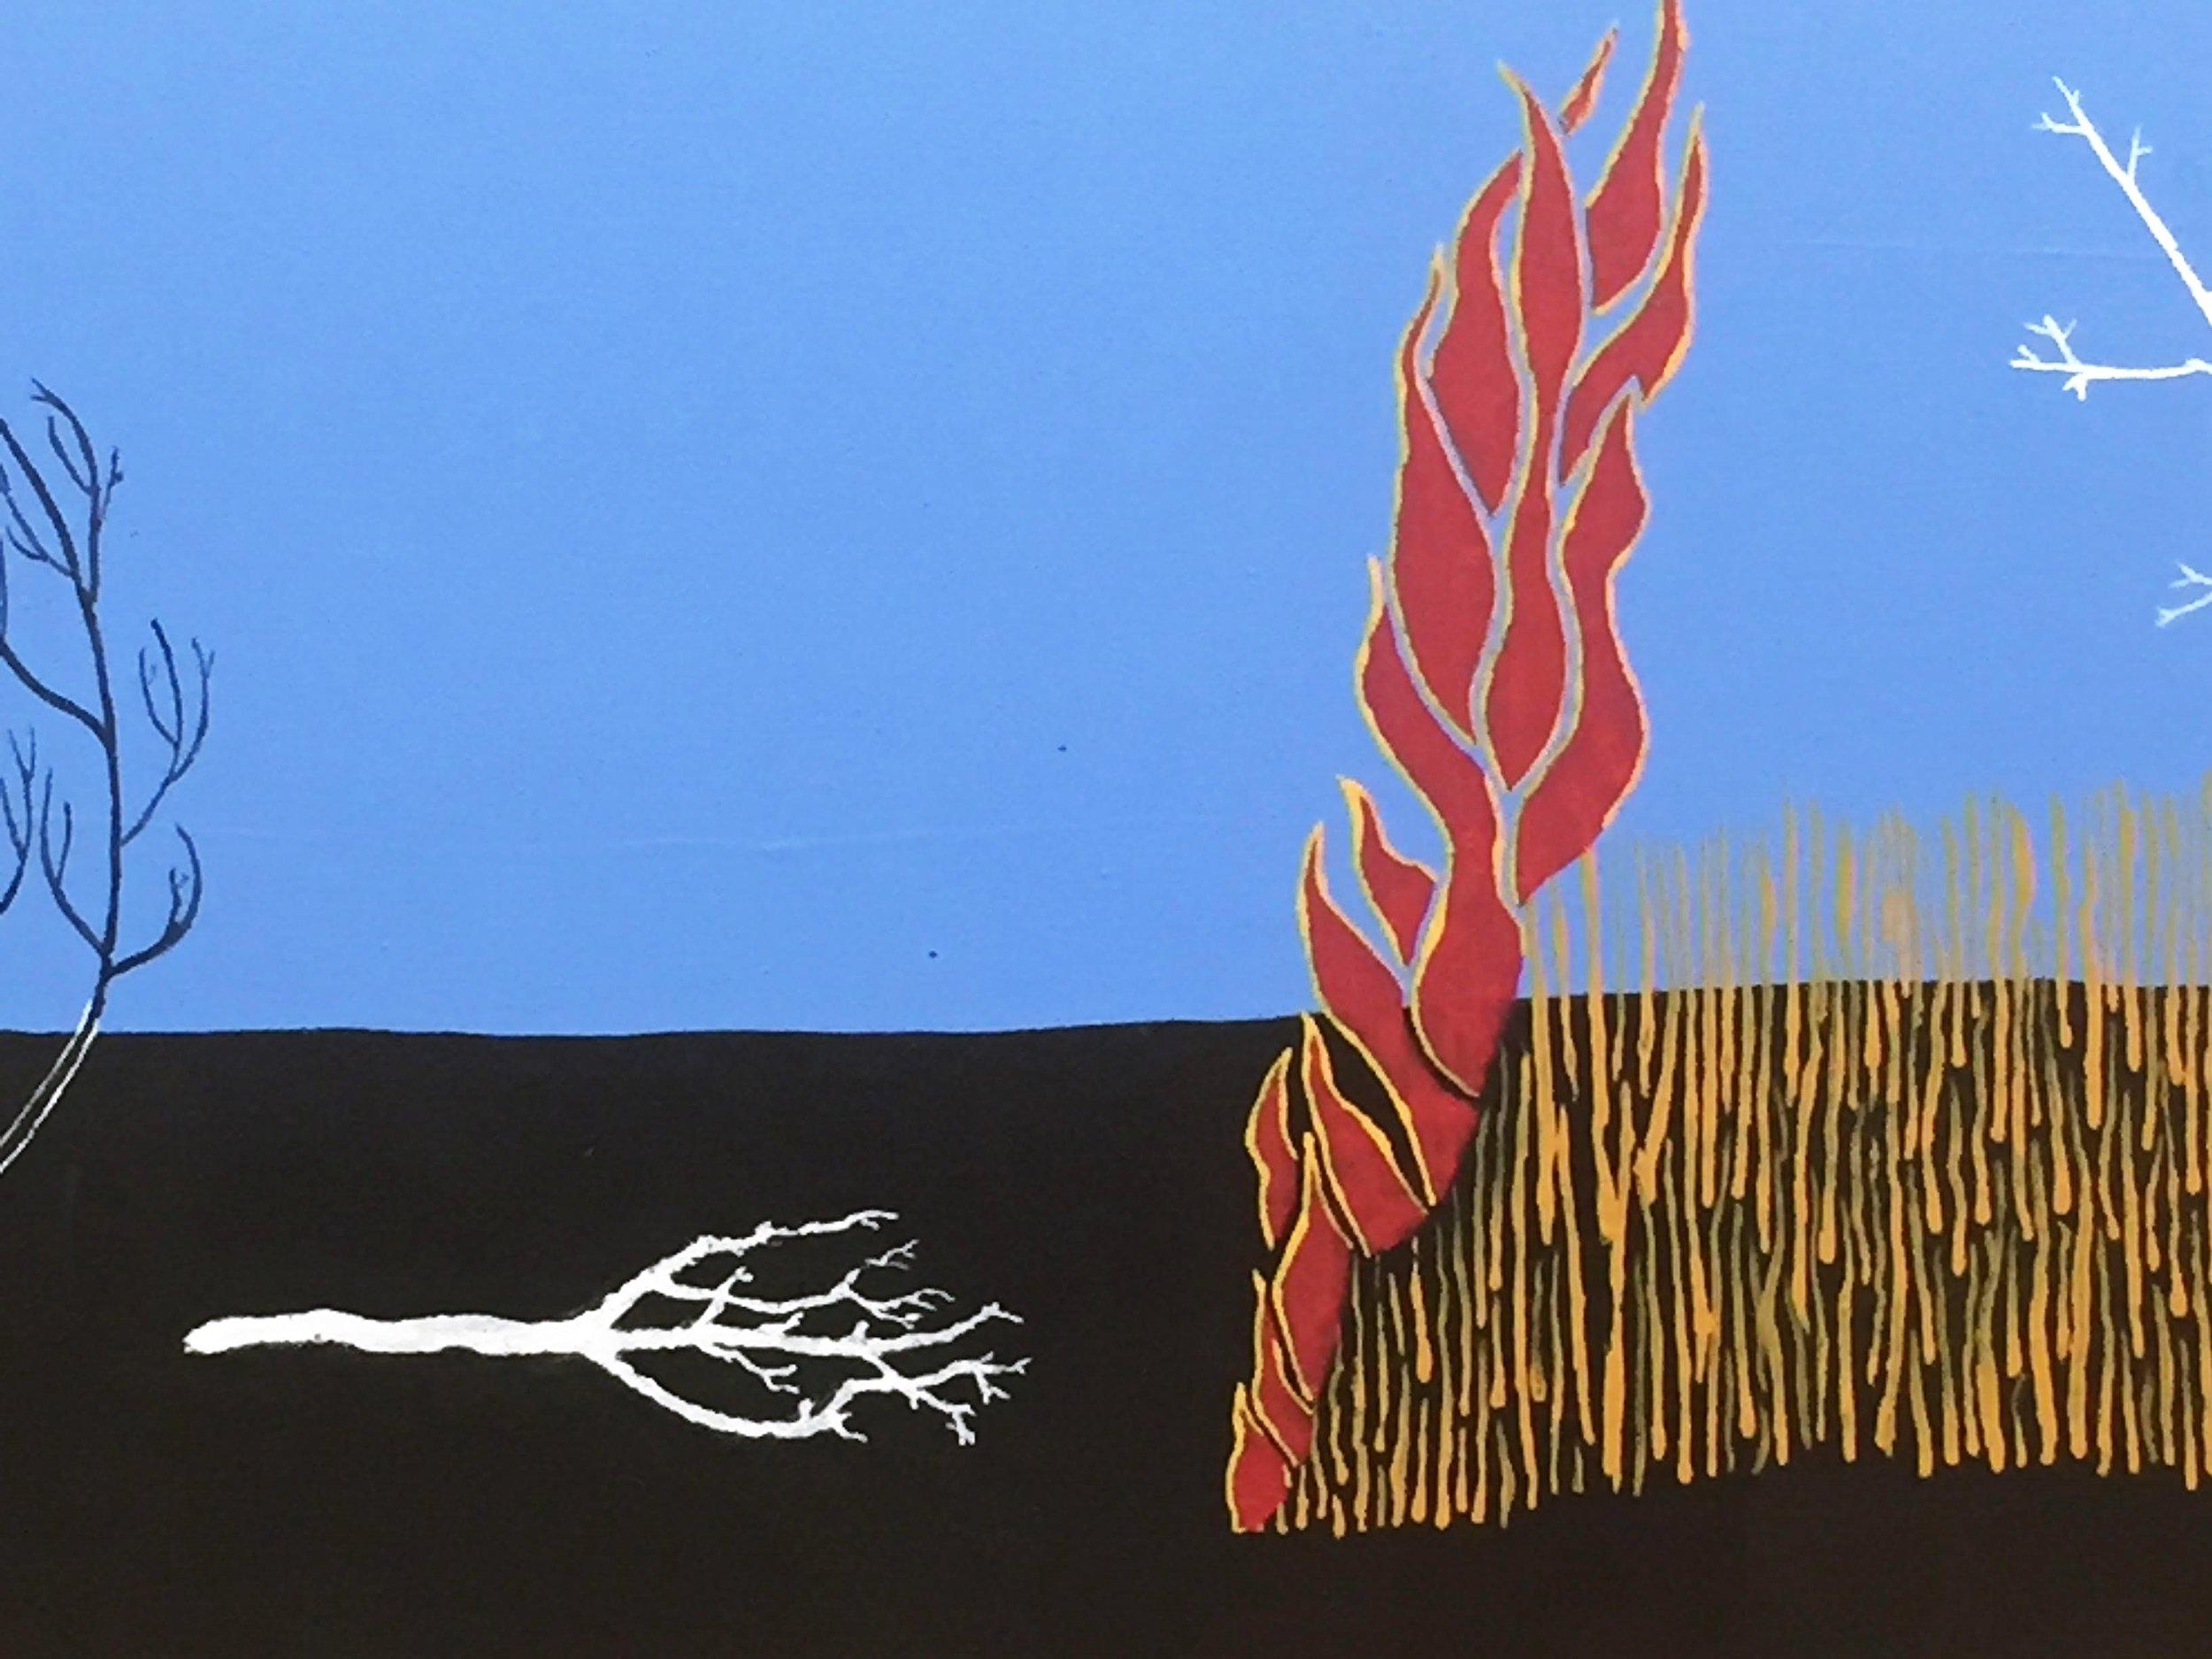 Colin Clarke FIRESTICK 2017 Geraldton artist